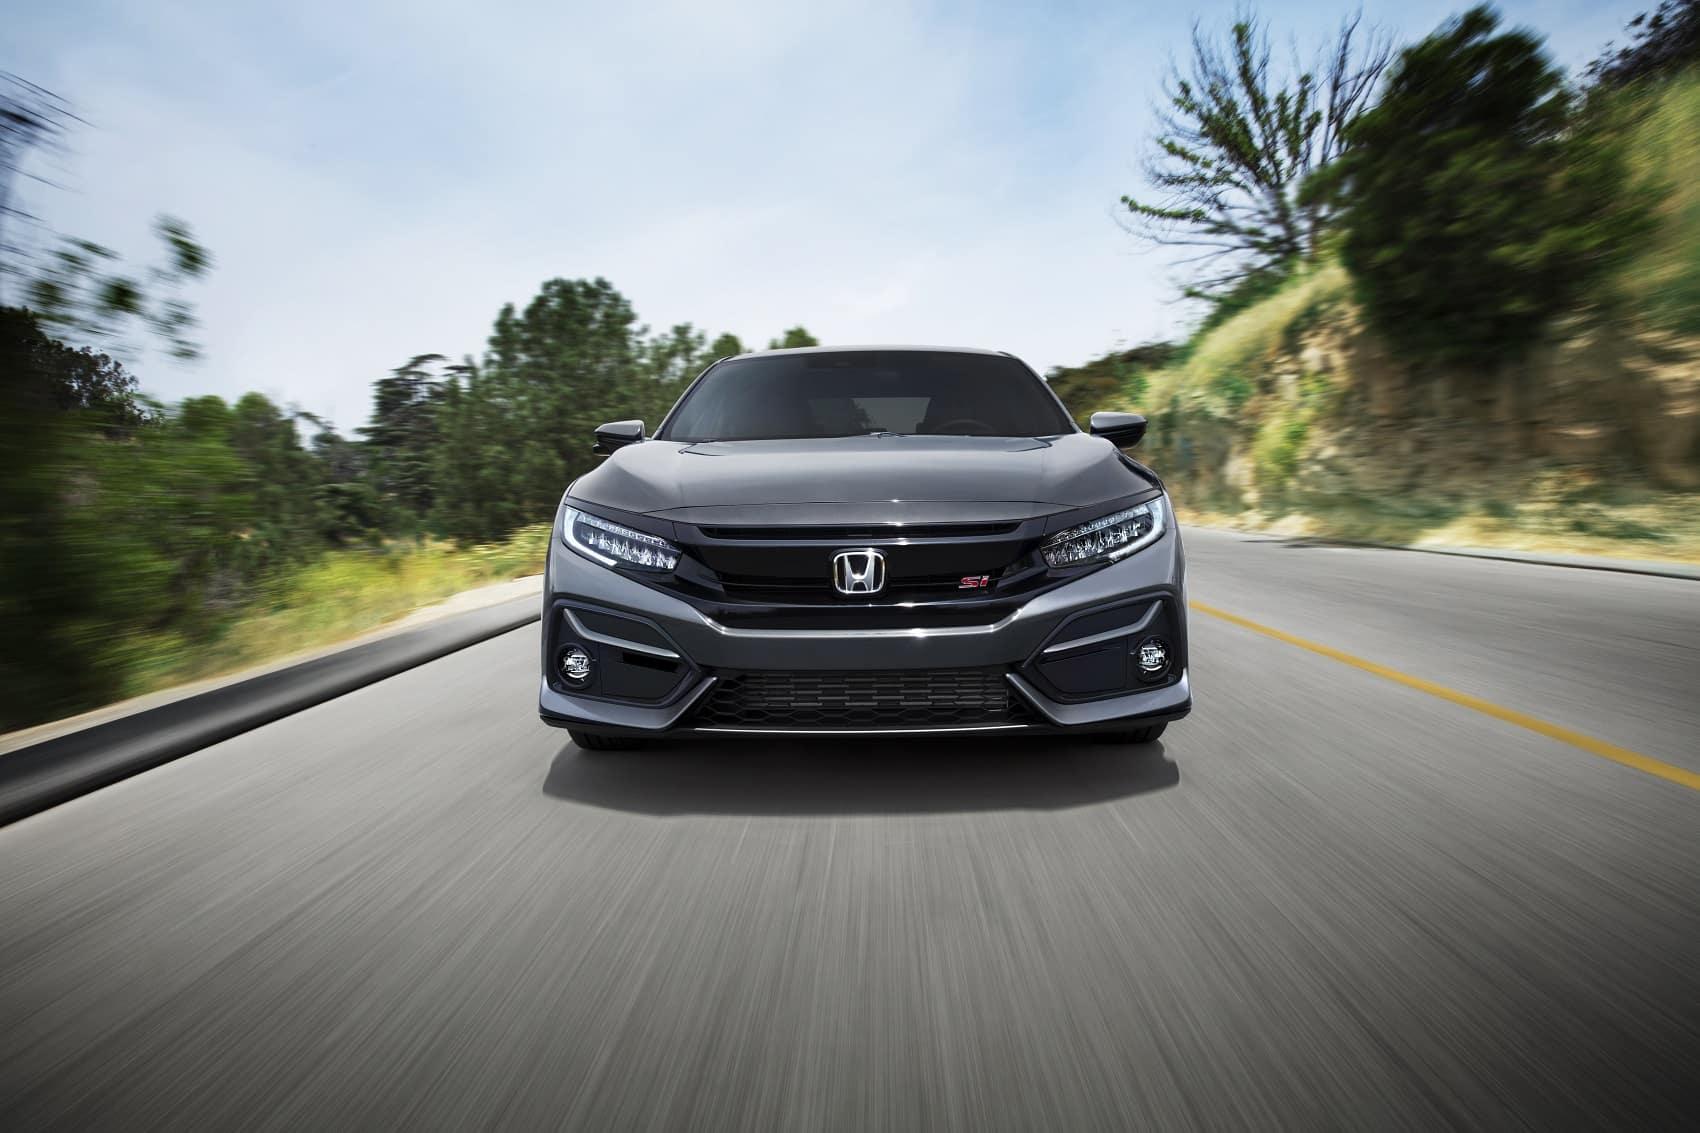 2020 Honda Civic Grey